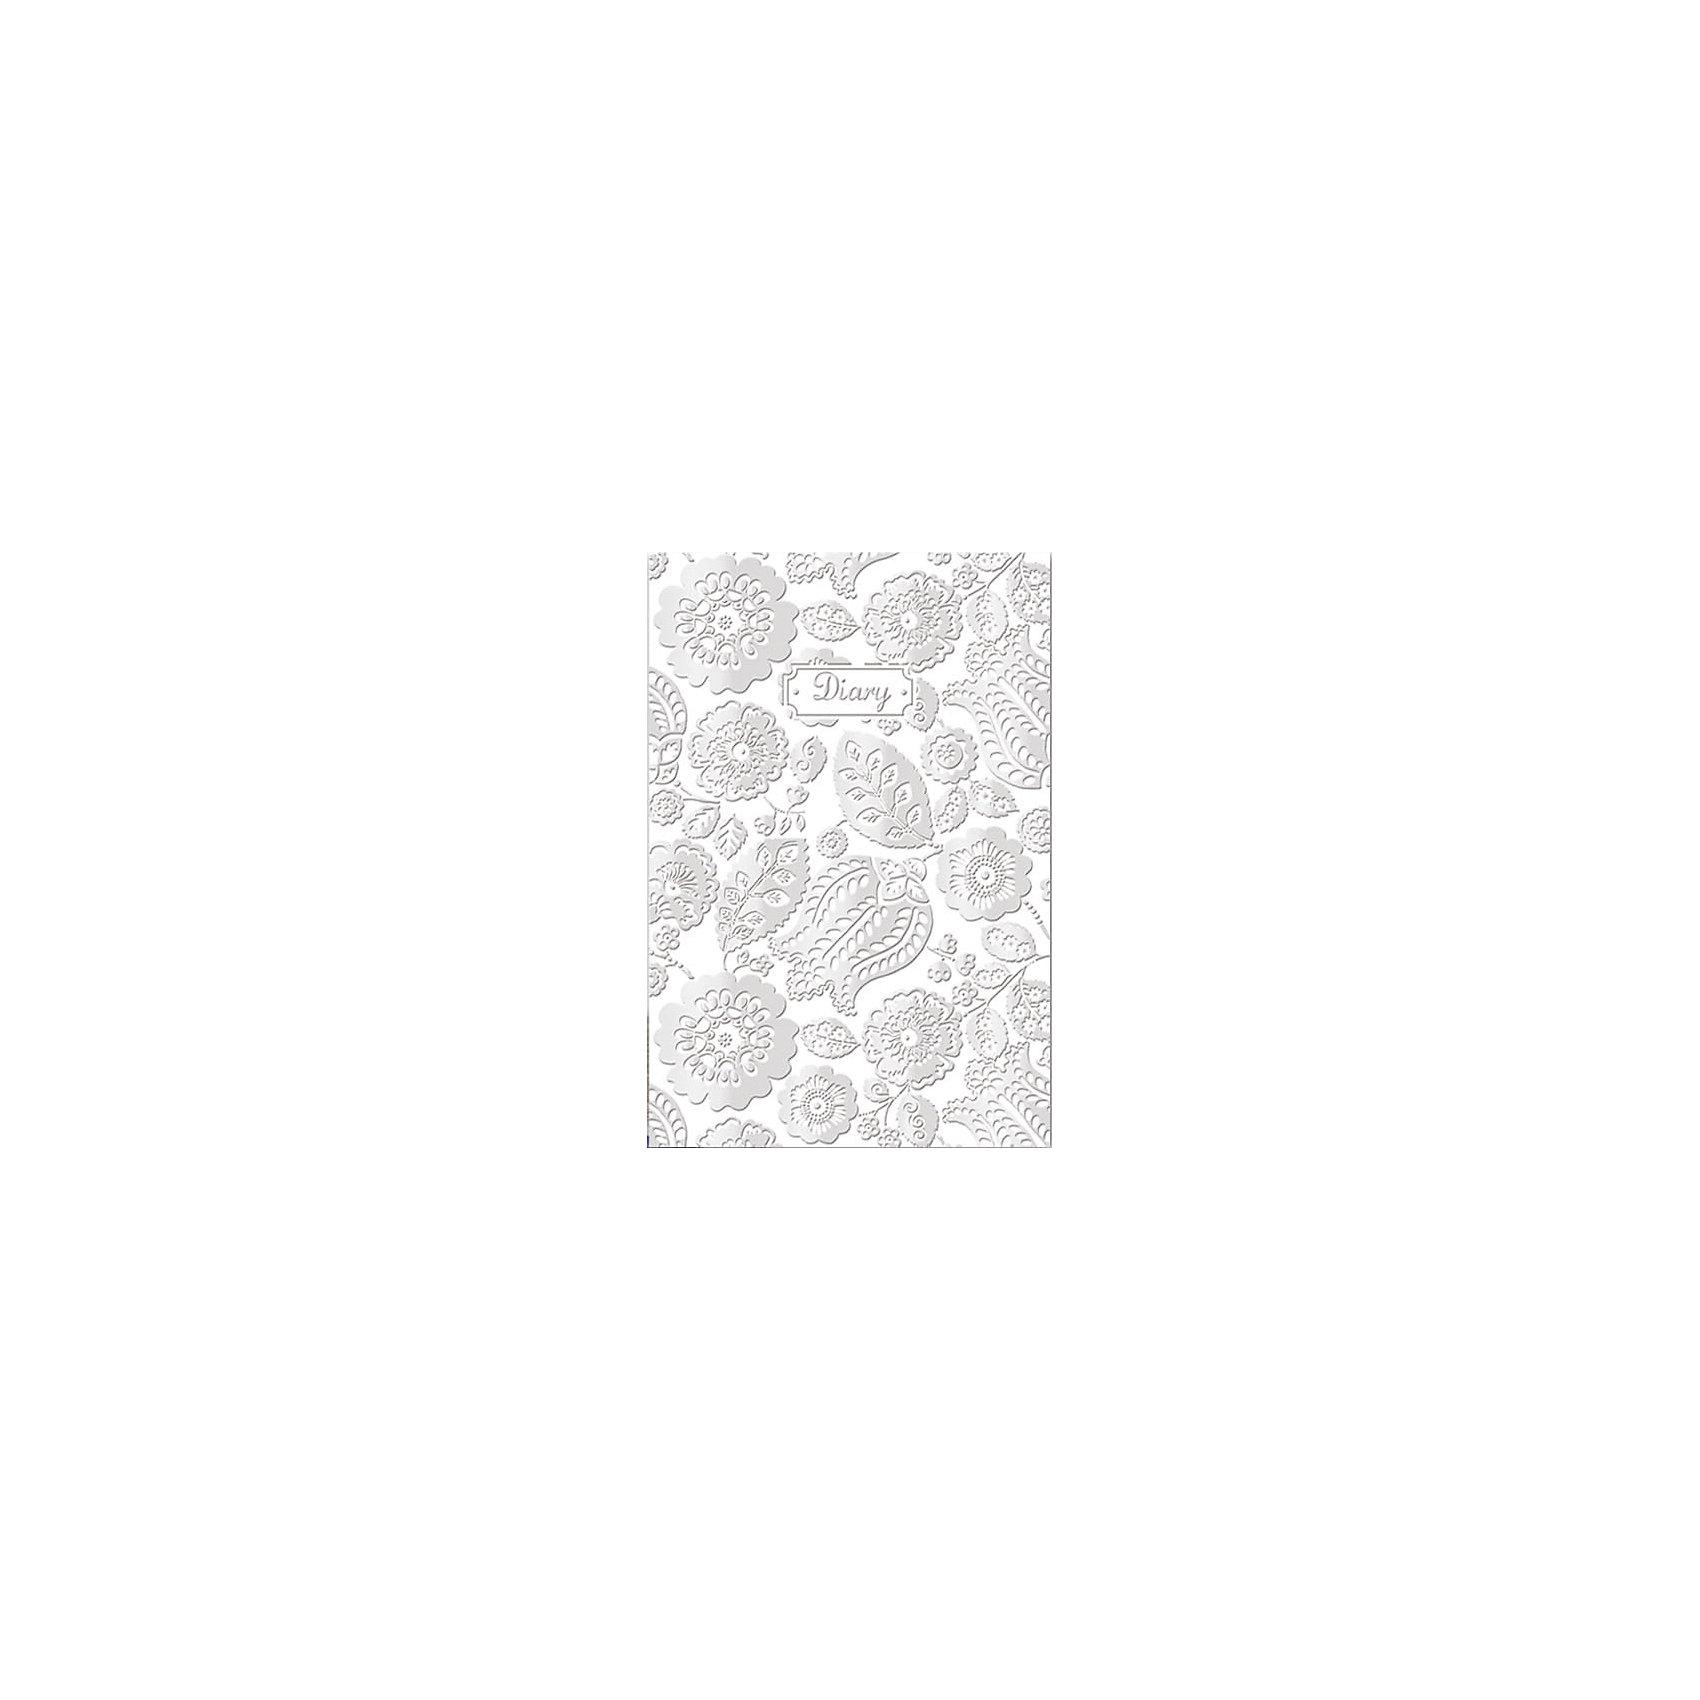 Ежедневник А5 недатированный Серебряные кружеваУниверсальный недатированный ежедневник пригодится как деловому взрослому так и ребенку.<br><br>Дополнительная информация:<br><br>- 200 листов.<br>- Орнамент: серебряные кружева.<br>- Формат: А5.<br>- Линовка: линия.<br>- Крепление: книжное (прошивка).<br>- Обложка: твердая.<br>- Материал: бумага, картон.<br>- Размер упаковки: 22х15х1,5 см.<br>- Вес в упаковке: 439 г.<br><br>Купить ежедневник недатированный Серебряные кружева можно в нашем магазине.<br><br>Ширина мм: 220<br>Глубина мм: 150<br>Высота мм: 15<br>Вес г: 439<br>Возраст от месяцев: 72<br>Возраст до месяцев: 2147483647<br>Пол: Женский<br>Возраст: Детский<br>SKU: 4943466